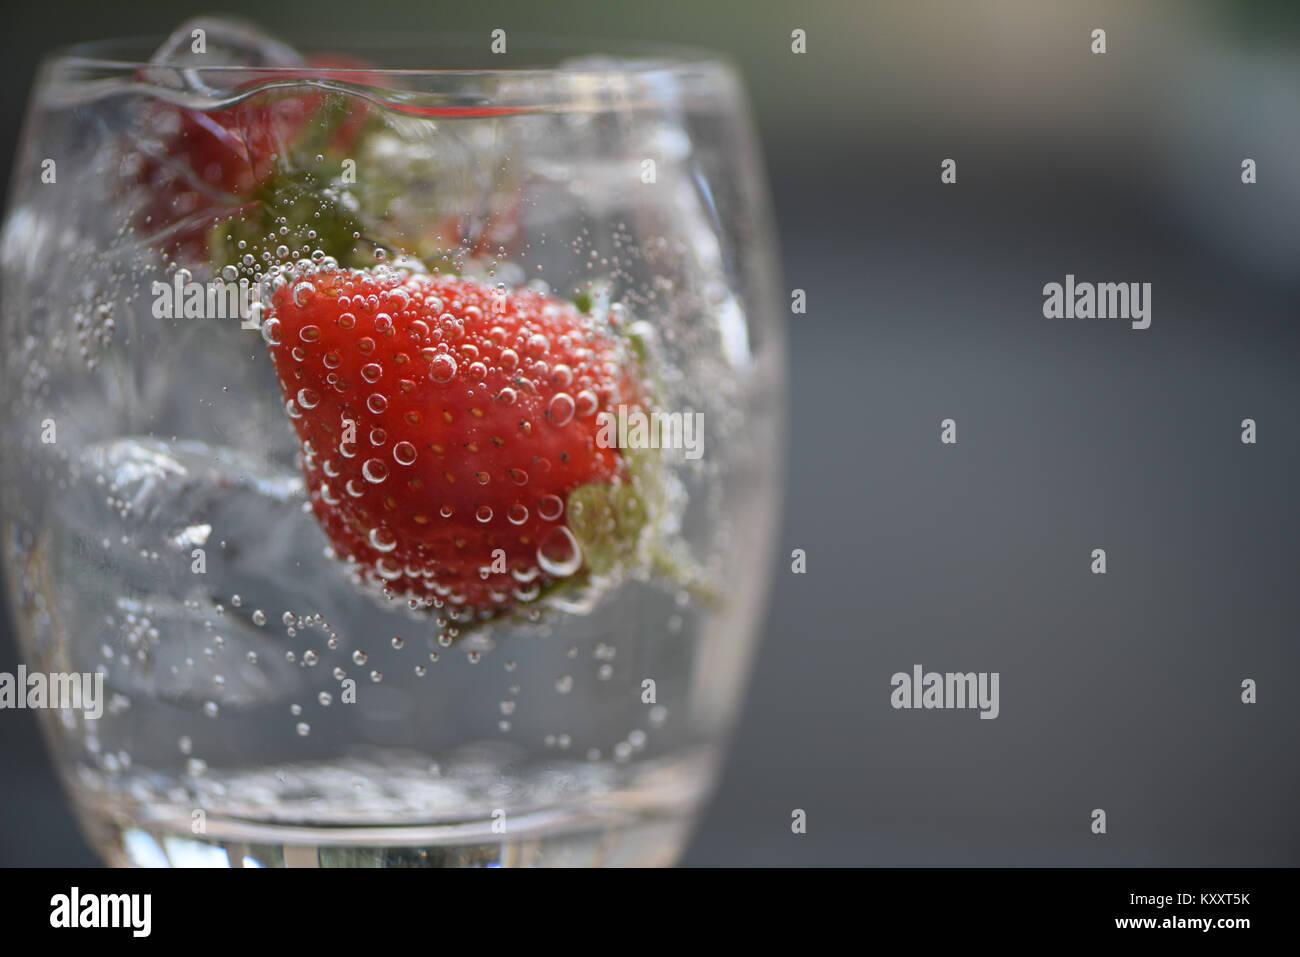 Comida y bebida refrescante cerca de macro fotografía imagen de fruto rojo fresa en una copa de espumoso de cubos Foto de stock